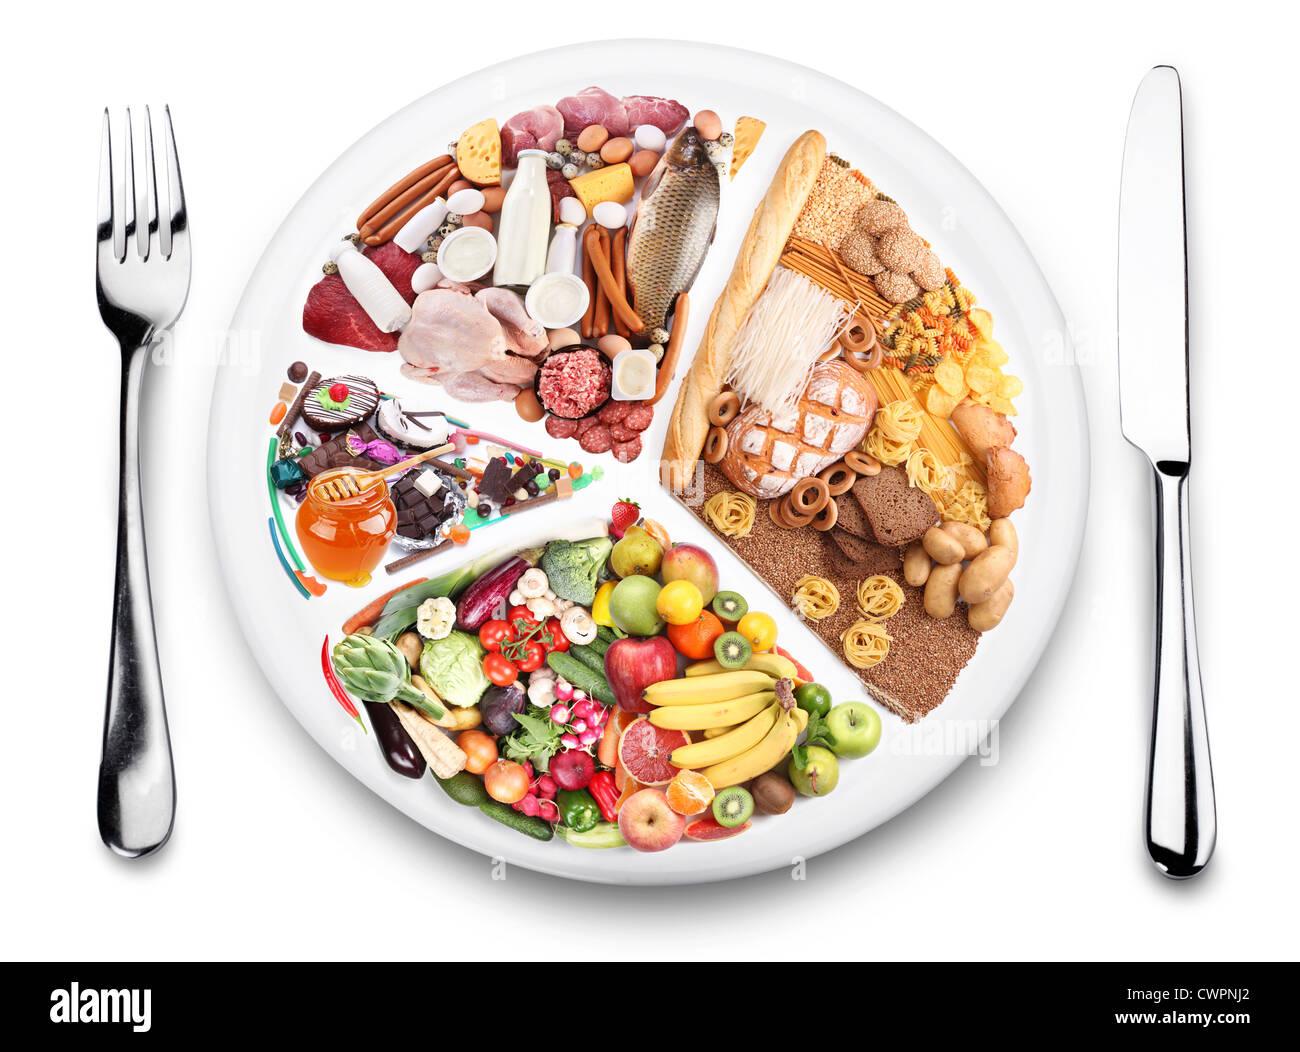 L'équilibre alimentaire produits sur une assiette. Fond blanc Photo Stock